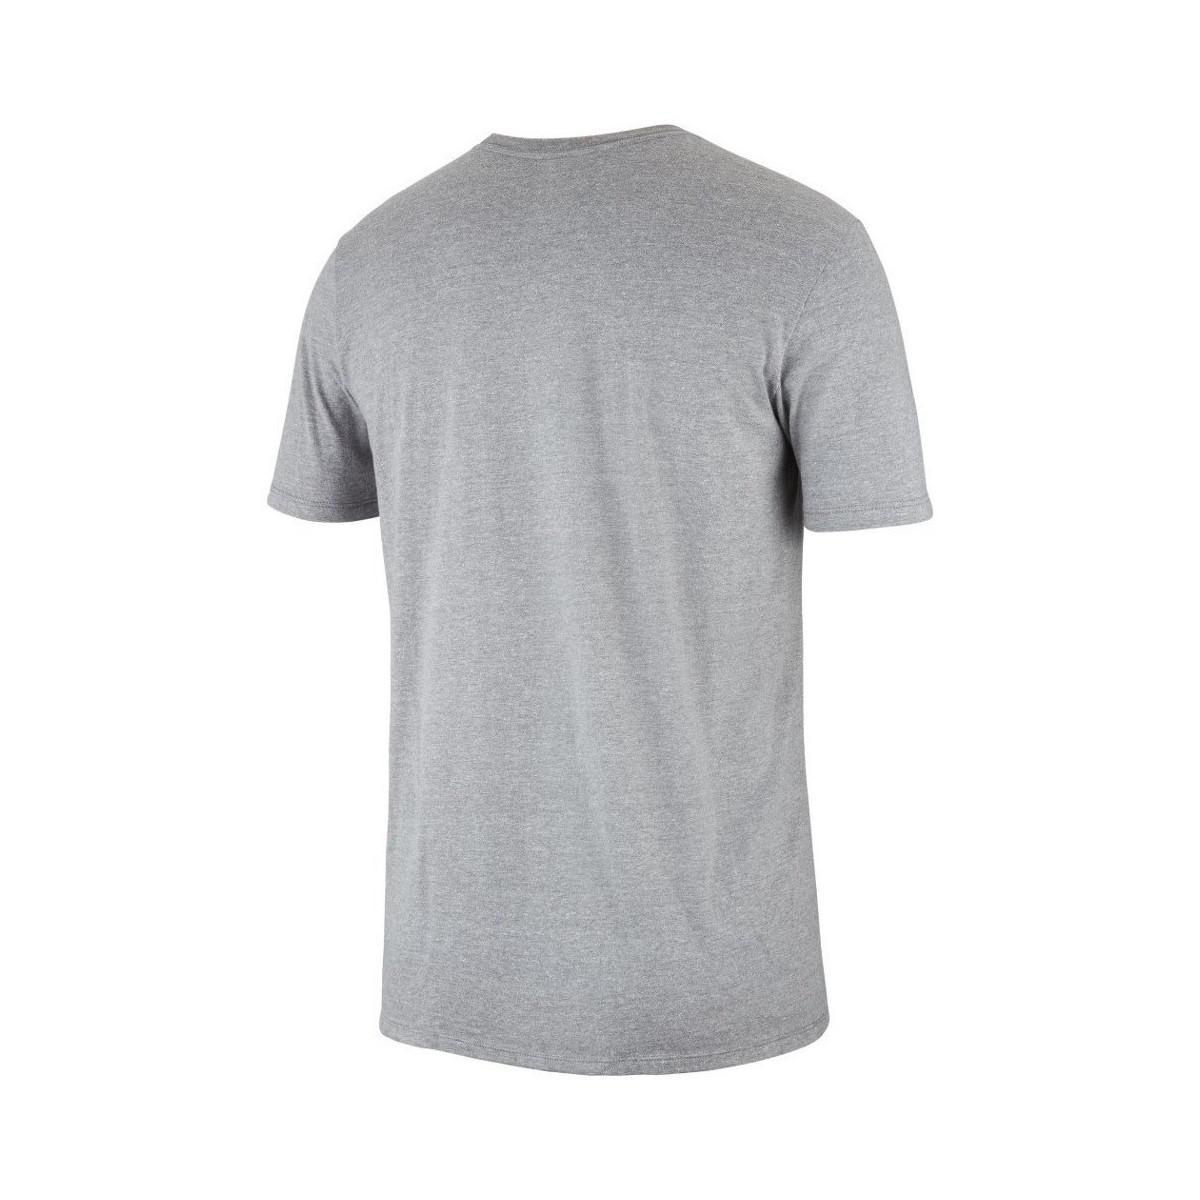 155e16a655c0 Nike Air Jordan Brand 5 Men s T Shirt In Grey in Gray for Men - Lyst